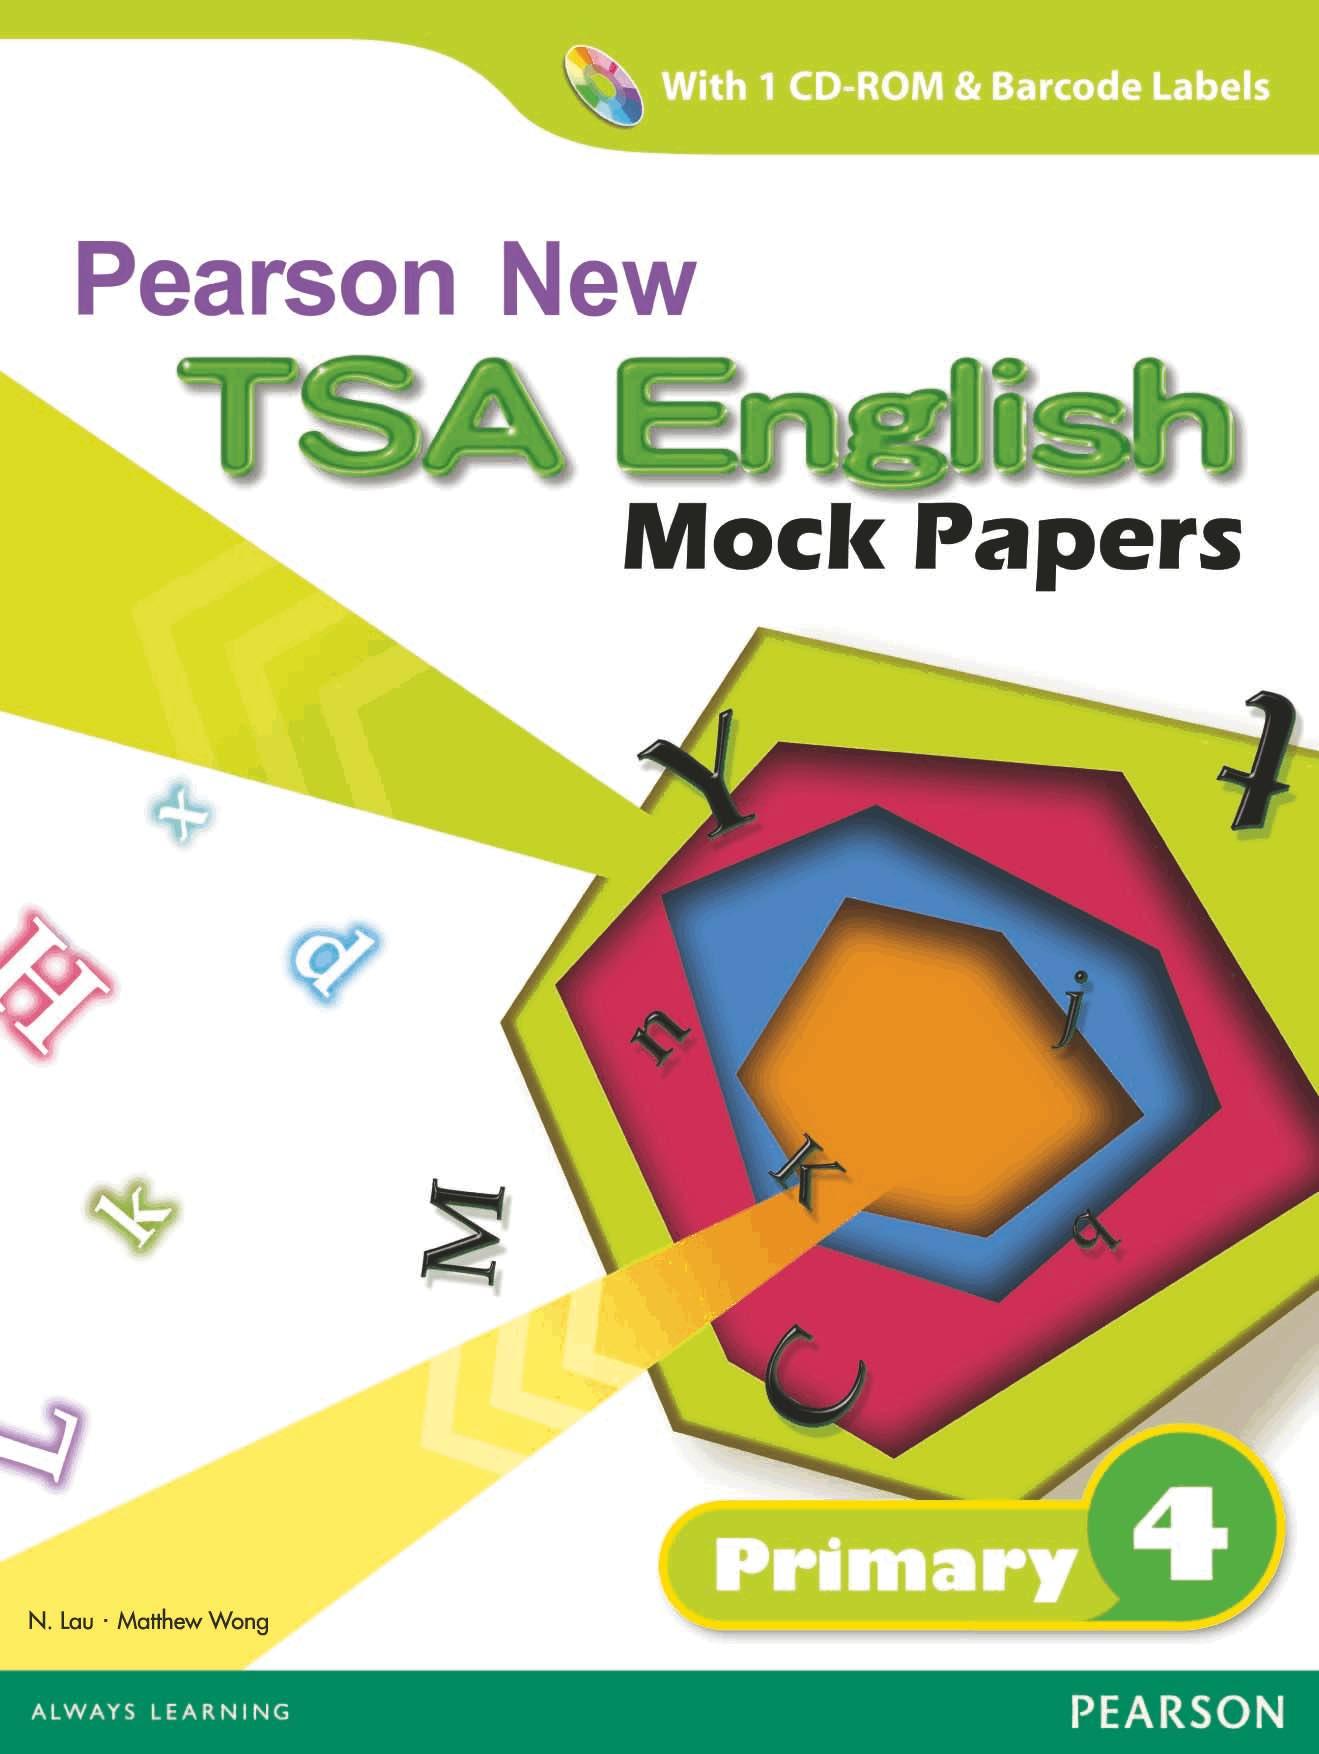 PEARSON NEW TSA ENG MOCK PAPERS P4